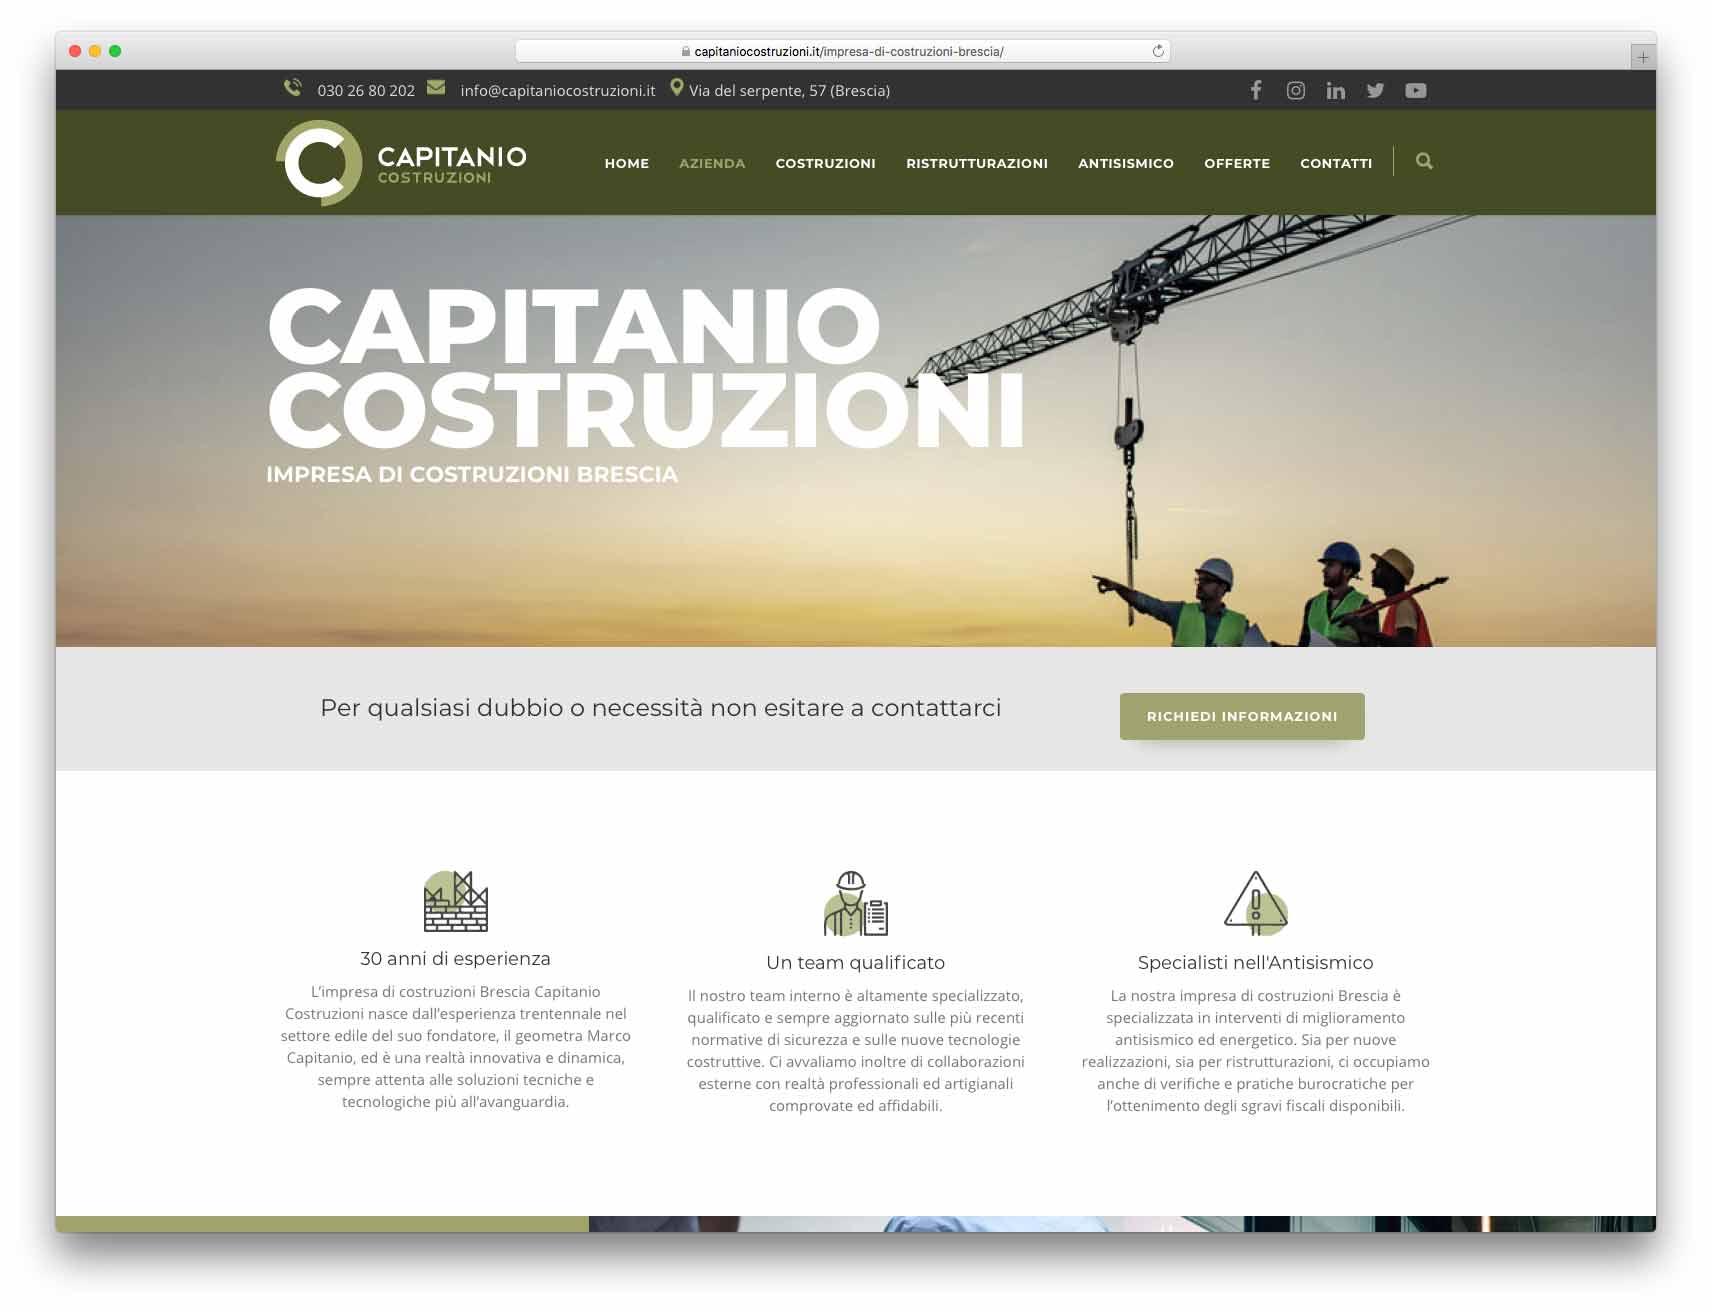 creazione siti web brescia - Agenzia P - sito web Capitanio Costruzioni